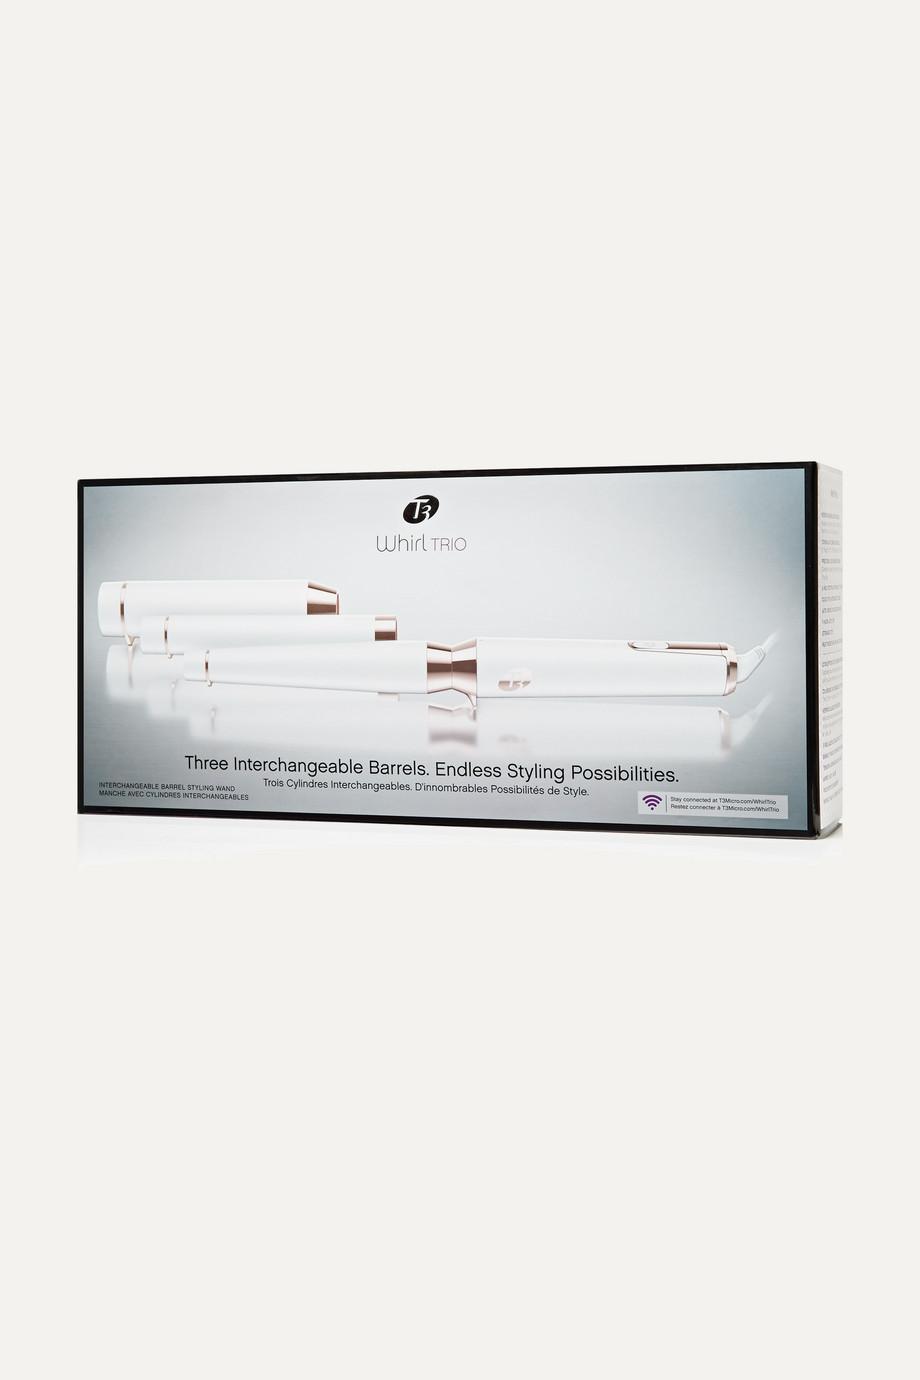 T3 Whirl Trio Styling Wand - UK 3-Pin Plug